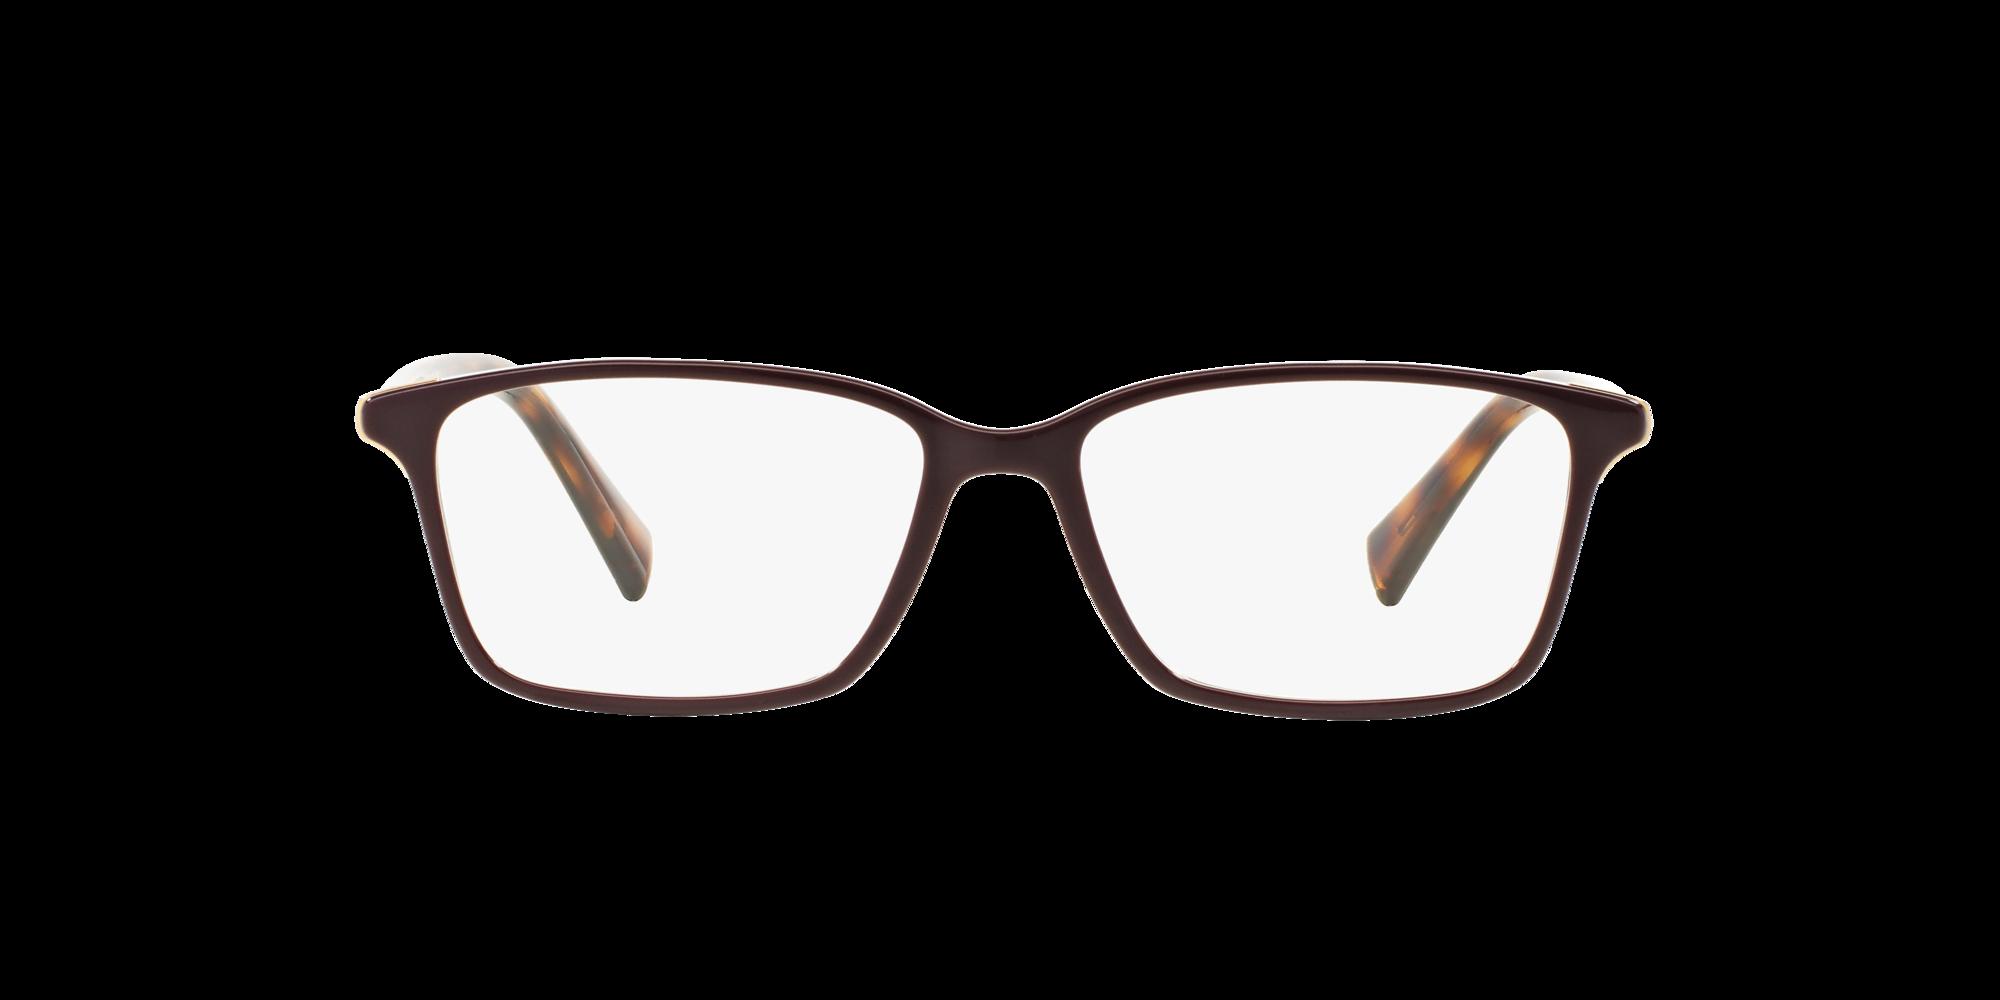 Imagen para HC6077 de LensCrafters |  Espejuelos, espejuelos graduados en línea, gafas